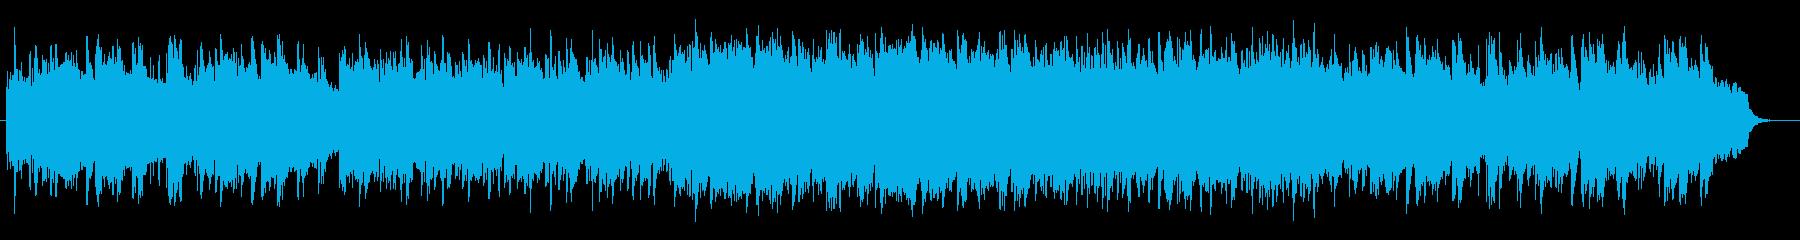 安らぎピアノリラクゼーションミュージックの再生済みの波形